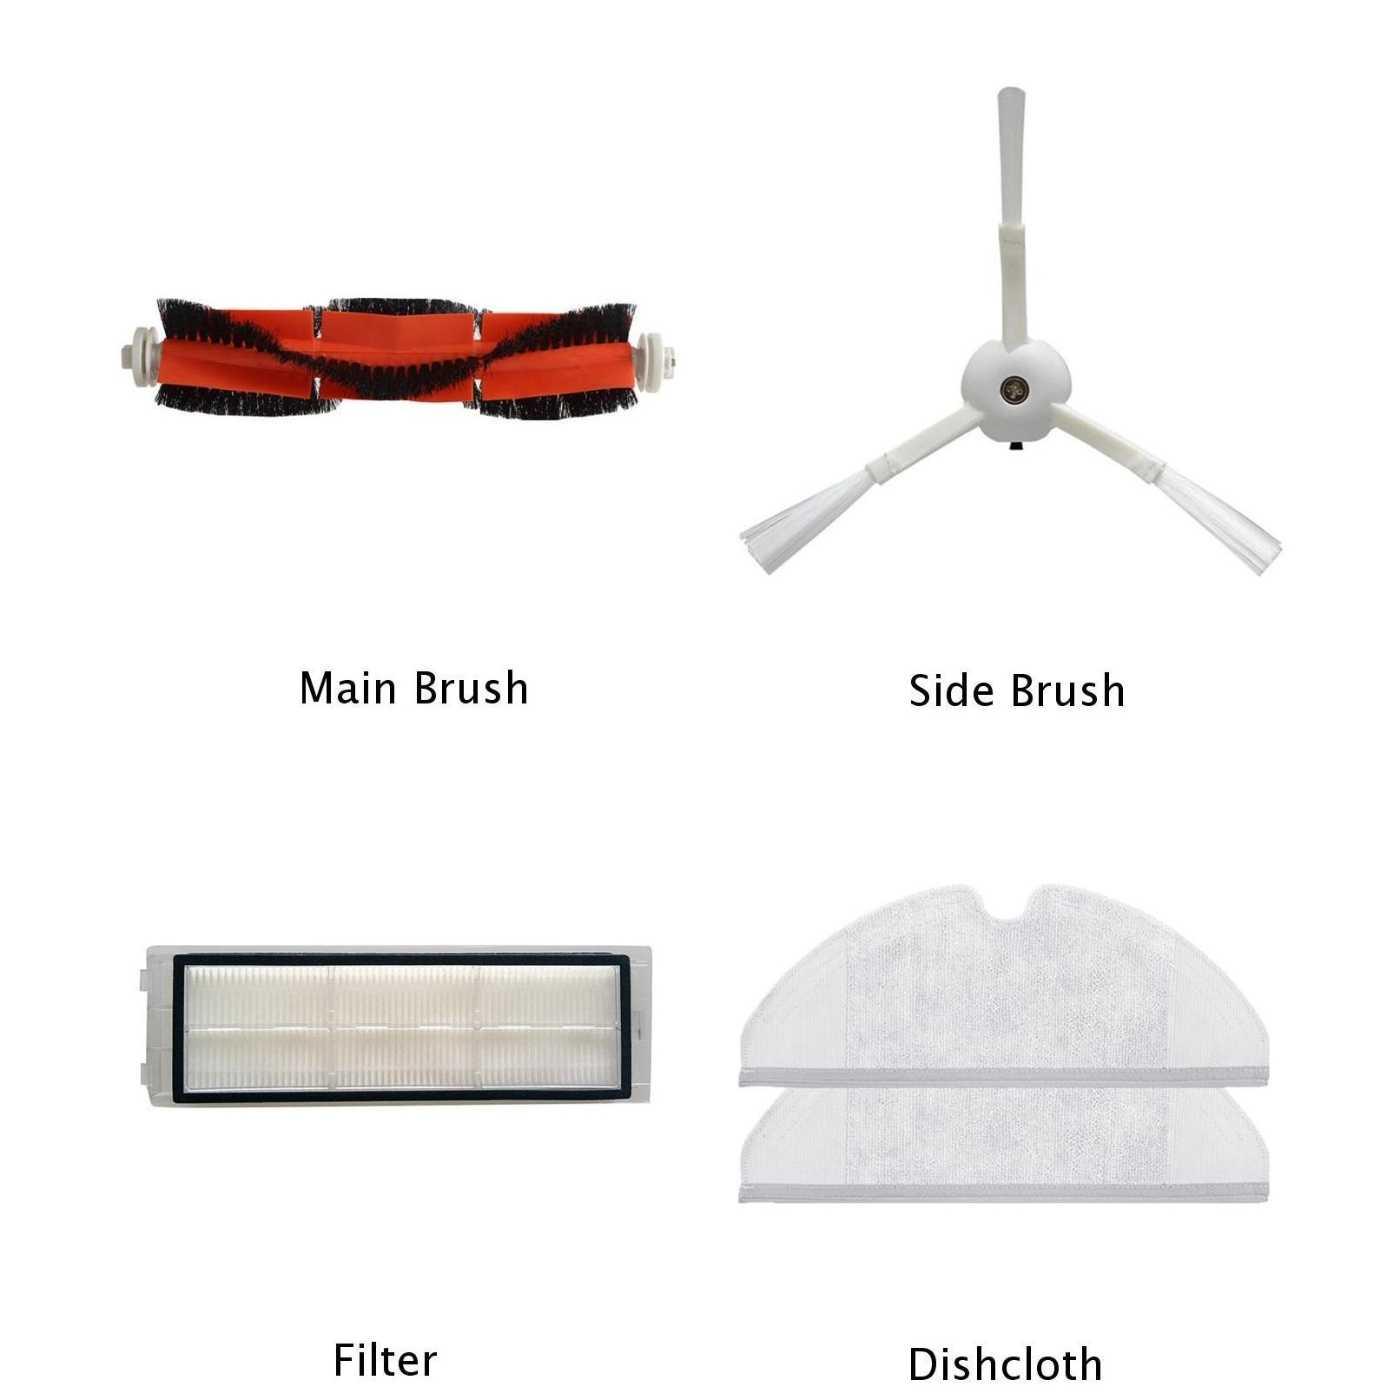 Боковая щетка для пылесоса для Xiaomi Mi Roborock S50 основной набор кистей фильтр полезный высококачественный практичный